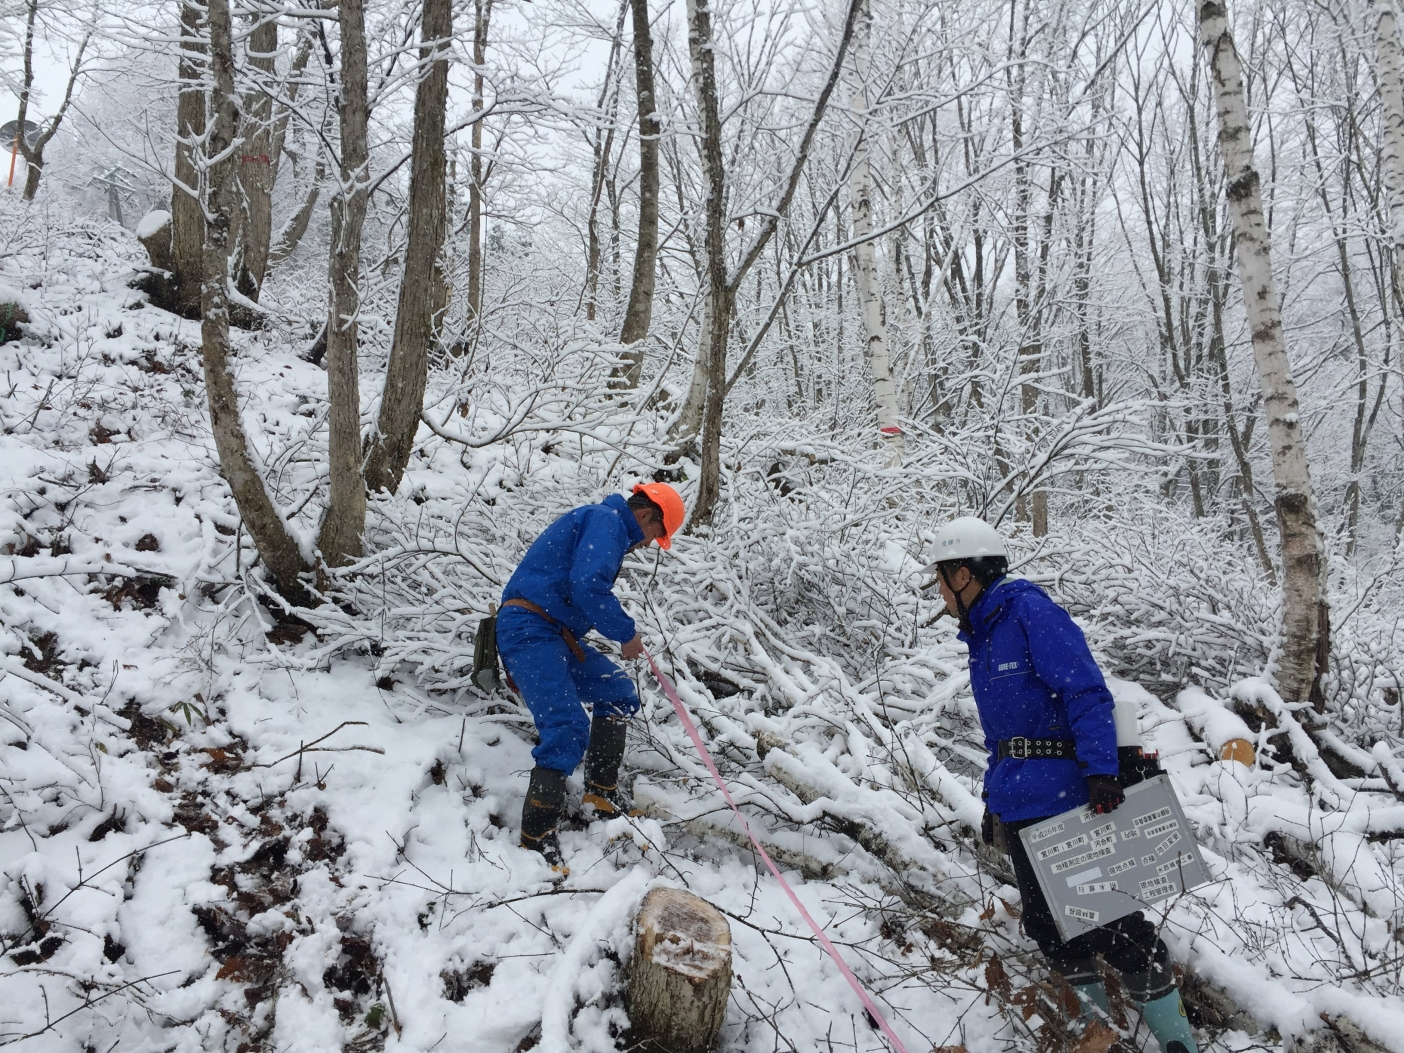 広葉樹の伐採作業を検査。経済的に価値の高い木を将来に残しつつ収穫作業の収益を確保するのはいつも至難の業だ。飛騨市神岡町。Photo: Mikihiro NAKAMURA